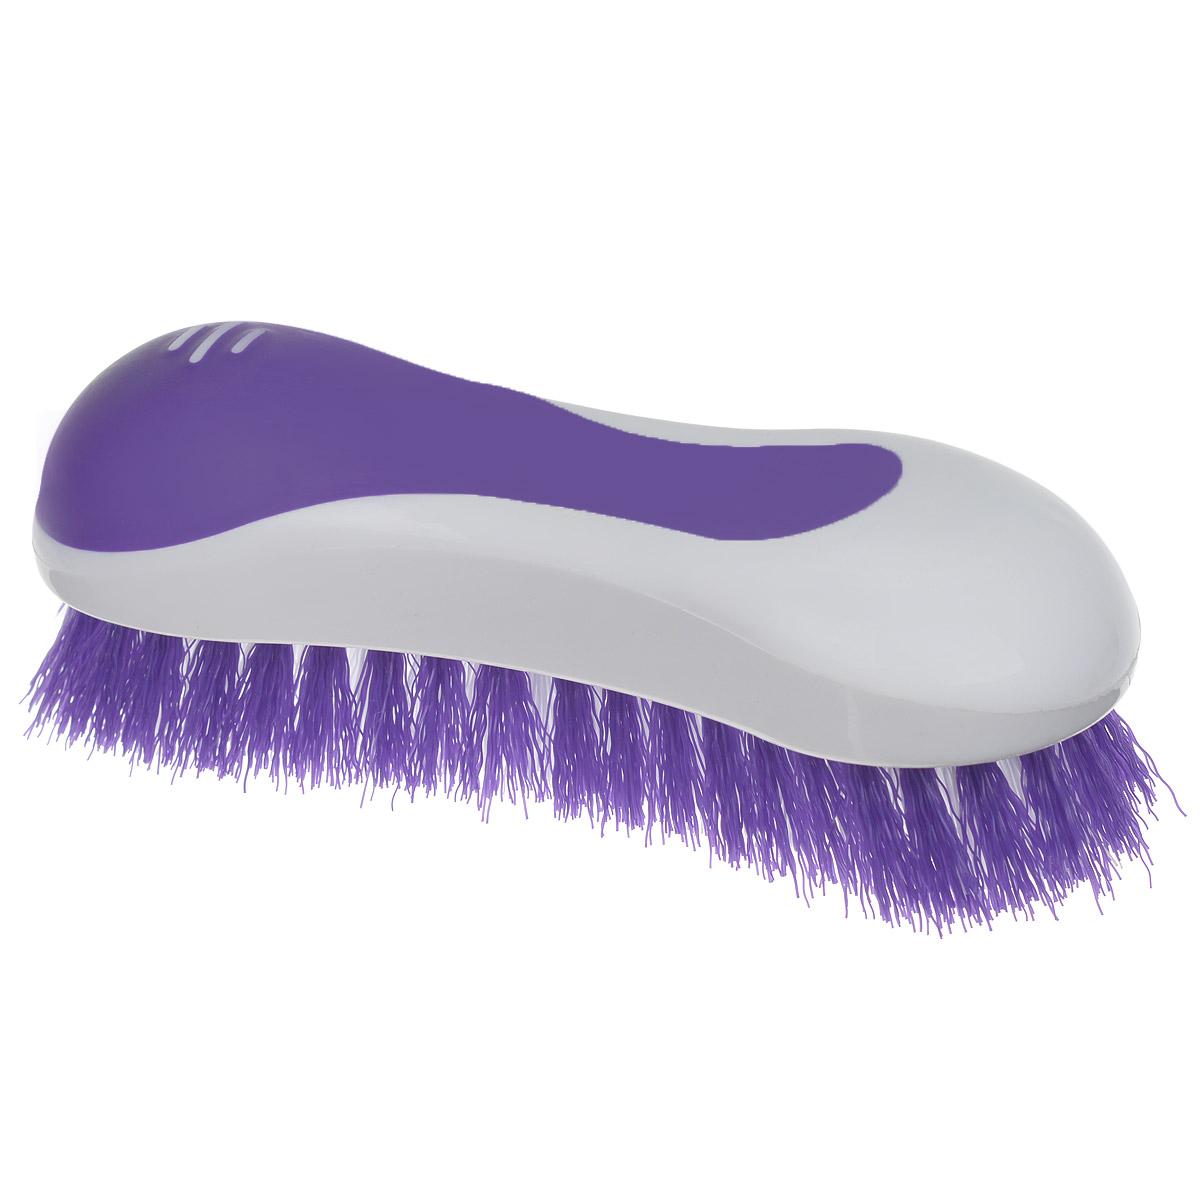 Еврощетка Home Queen, универсальная, цвет: фиолетовый, белый52072Еврощетка Home Queen, выполненная из полипропилена, являетсяуниверсальной щеткой для очистки любых поверхностей, эффективно очищаетзагрязнения. Эргономичная форма для большего удобства использования. Размер: 20 см х 7 см х 7 см.Длина ворсинок: 3 см.